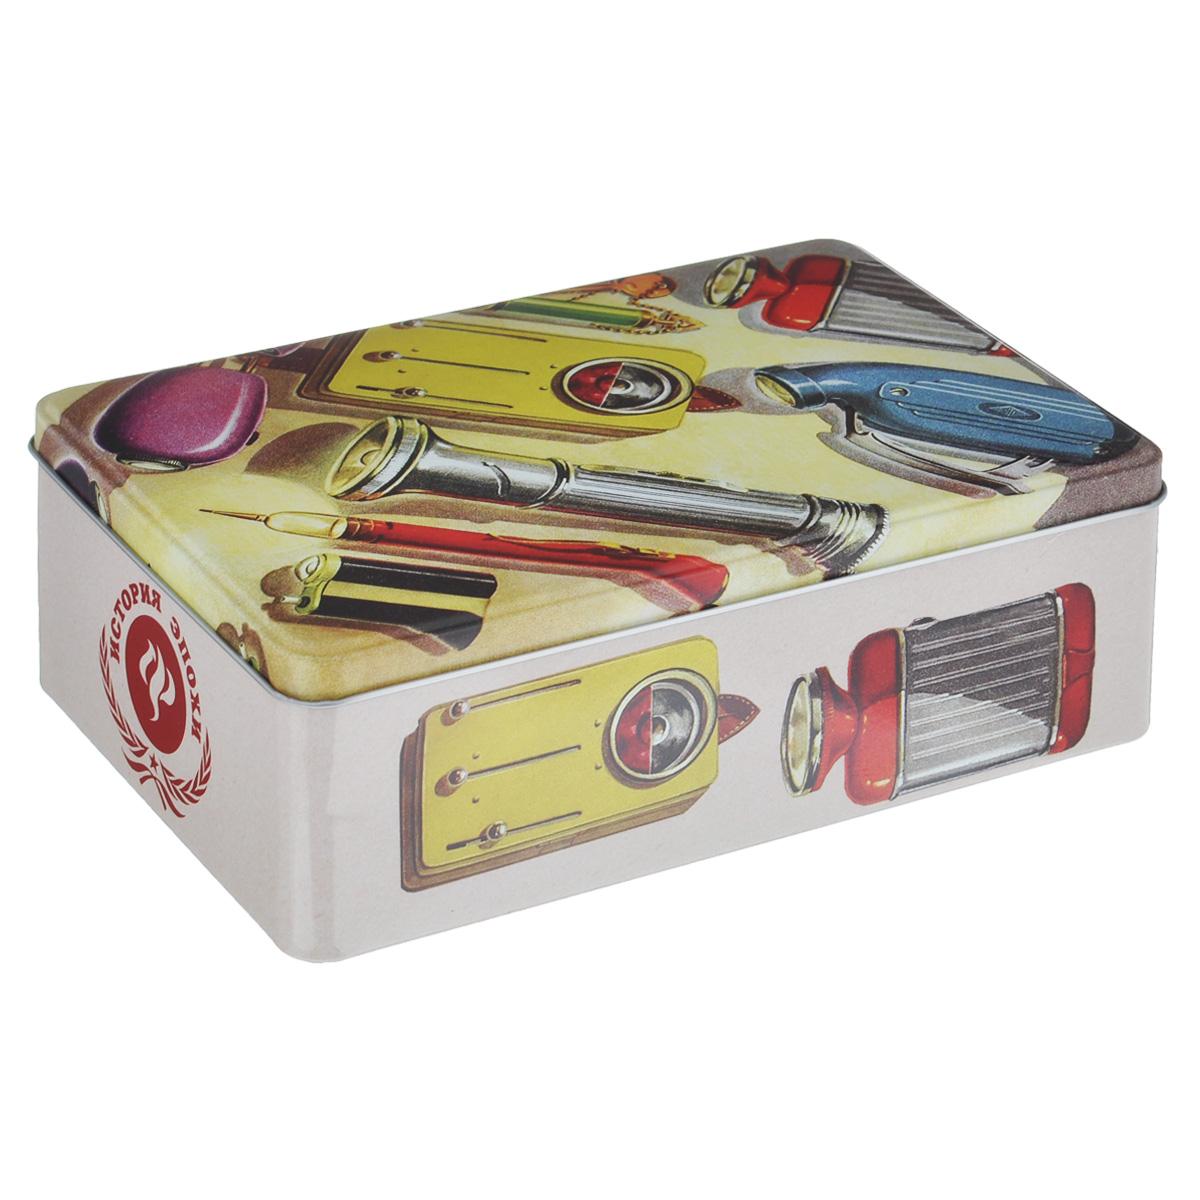 Коробка для хранения Феникс-презент Инструменты, 20 см х 13 см х 6,5 см37668Коробка для хранения Феникс-презент Инструменты, выполненная из металла, декорирована изображением различных инструментов. Внутри коробки имеется одно вместительное отделение. Крышка изделия открывается с помощью откидного механизма. Коробка для хранения Феникс-презент Инструменты станет оригинальным украшением интерьера и позволит хранить украшения, бижутерию, а также предметы шитья или рукоделия.